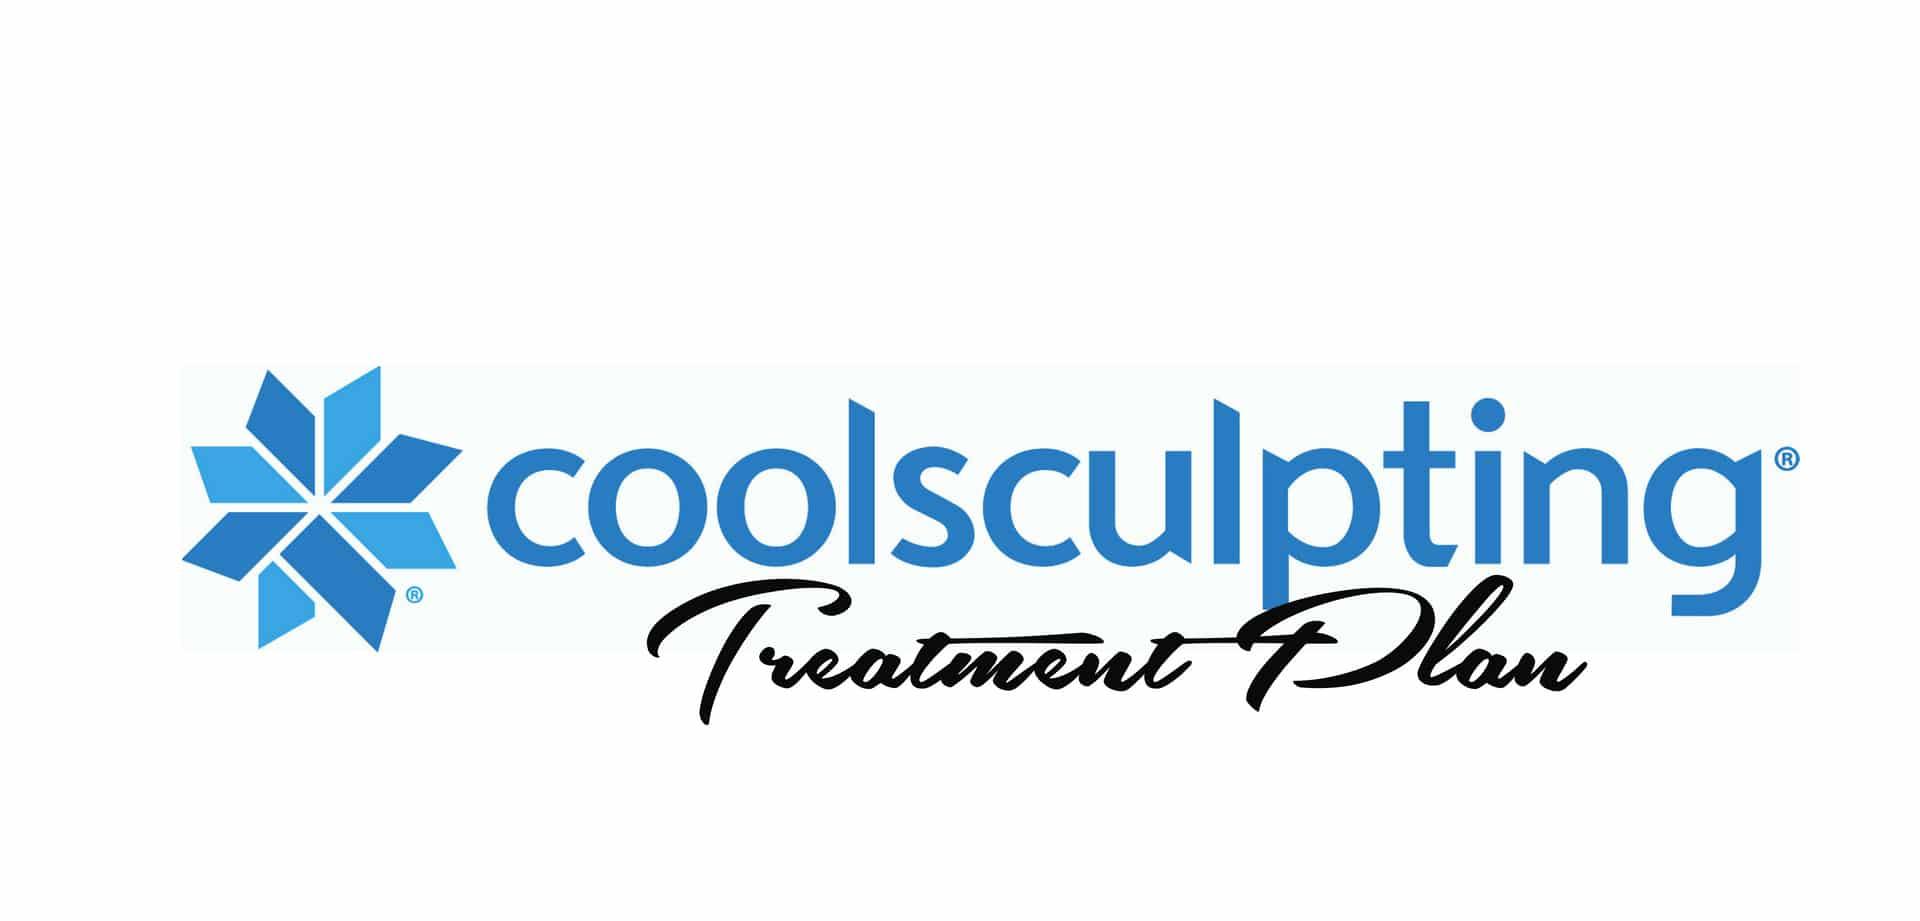 CoolSculpting T Plan